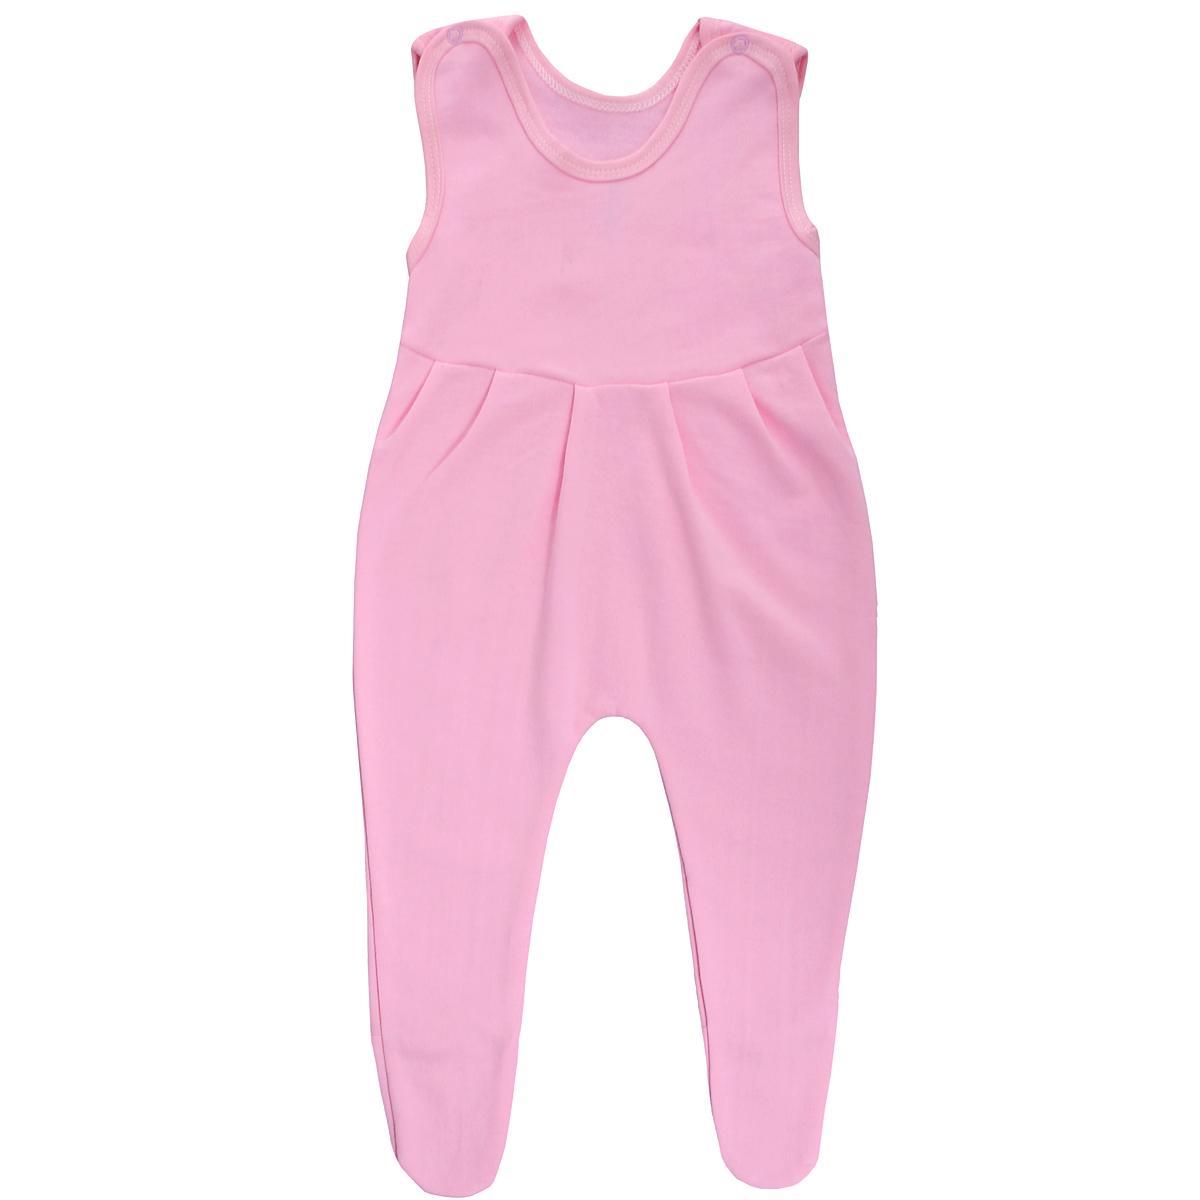 Ползунки с грудкой Трон-плюс, цвет: розовый. 5221. Размер 74, 9 месяцев5221Ползунки с грудкой Трон-плюс - очень удобный и практичный вид одежды для малышей. Ползунки выполнены из футера - натурального хлопка, благодаря чему они необычайно мягкие, тепленькие и приятные на ощупь, не раздражают нежную кожу ребенка и хорошо вентилируются, а эластичные швы приятны телу младенца и не препятствуют его движениям. Ползунки с закрытыми ножками, застегивающиеся сверху на две кнопочки, идеально подойдут вашему ребенку, обеспечивая ему наибольший комфорт, подходят для ношения с подгузником и без него. От линии груди заложены складочки, придающие изделию оригинальность.Ползунки с грудкой полностью соответствуют особенностям жизни младенца в ранний период, не стесняя и не ограничивая его в движениях!